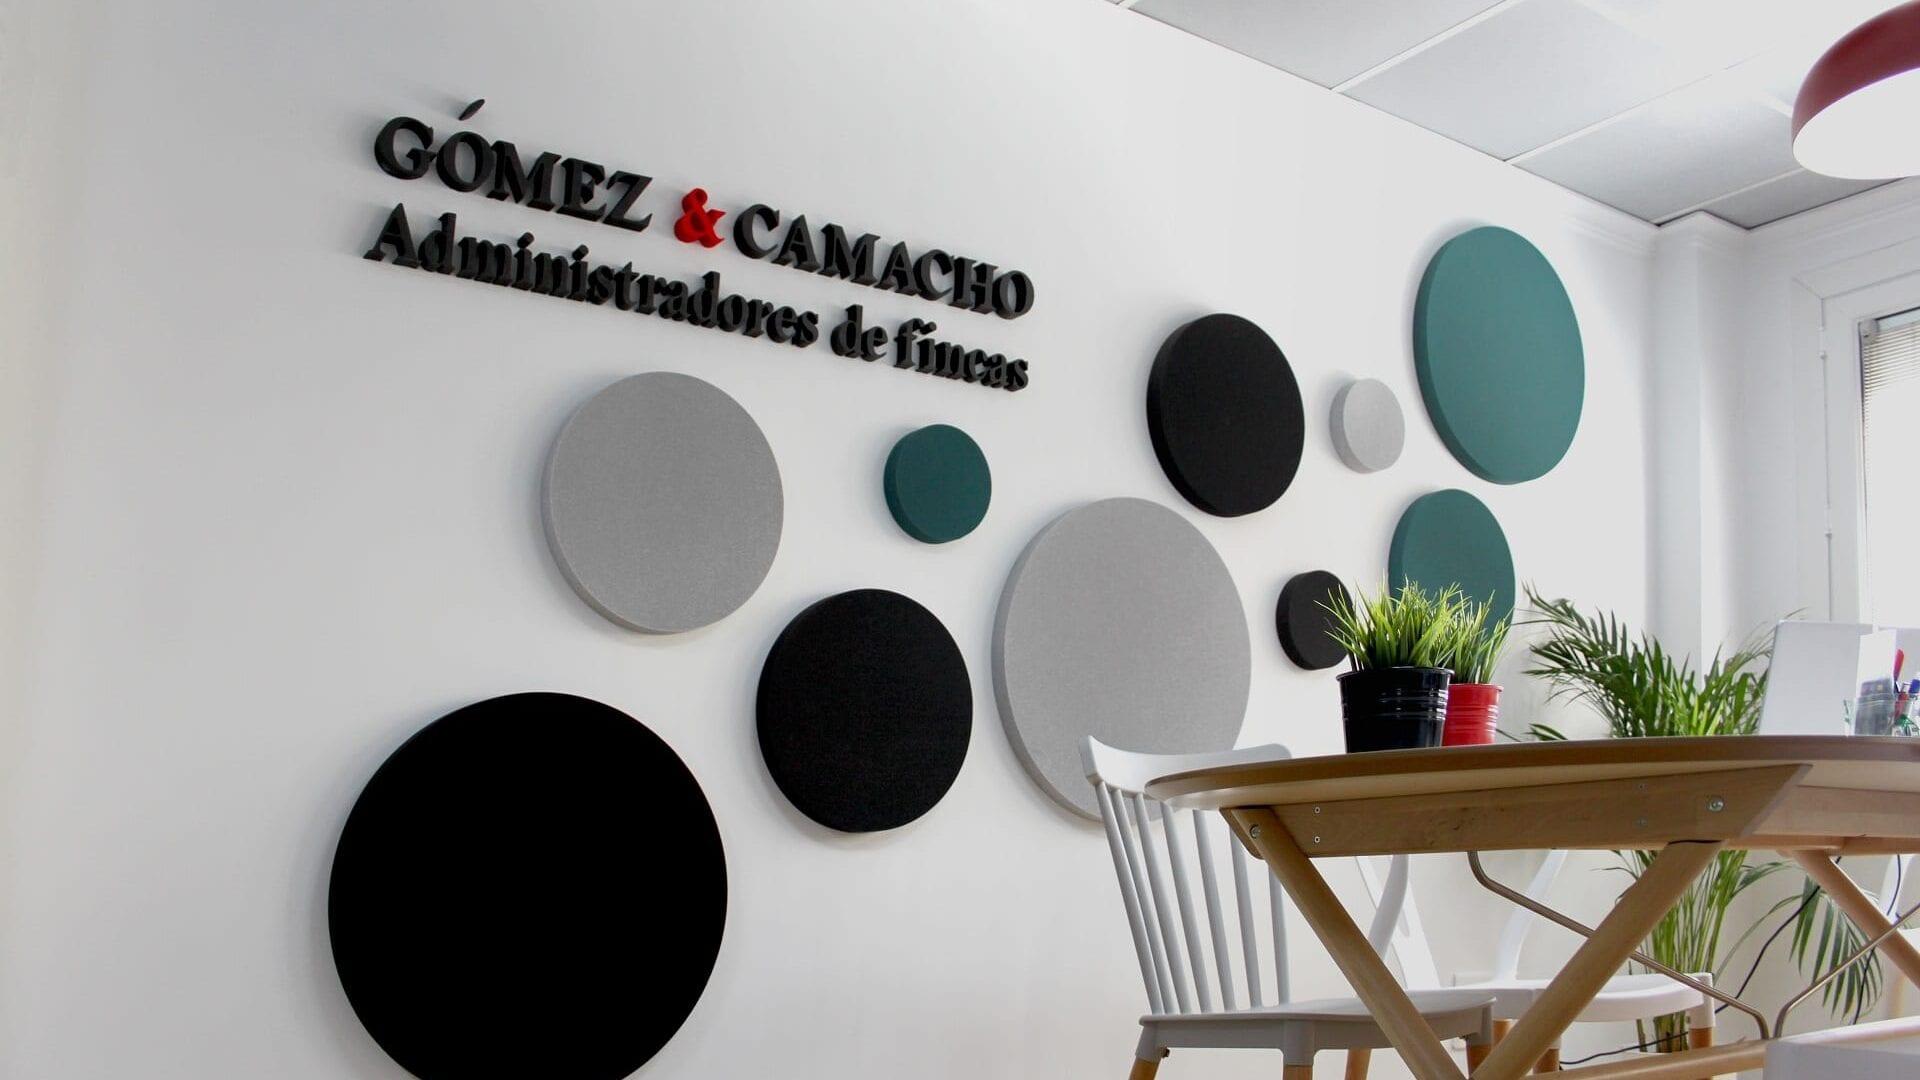 Administradores de Fincas Gomez y Camacho Picado mesa